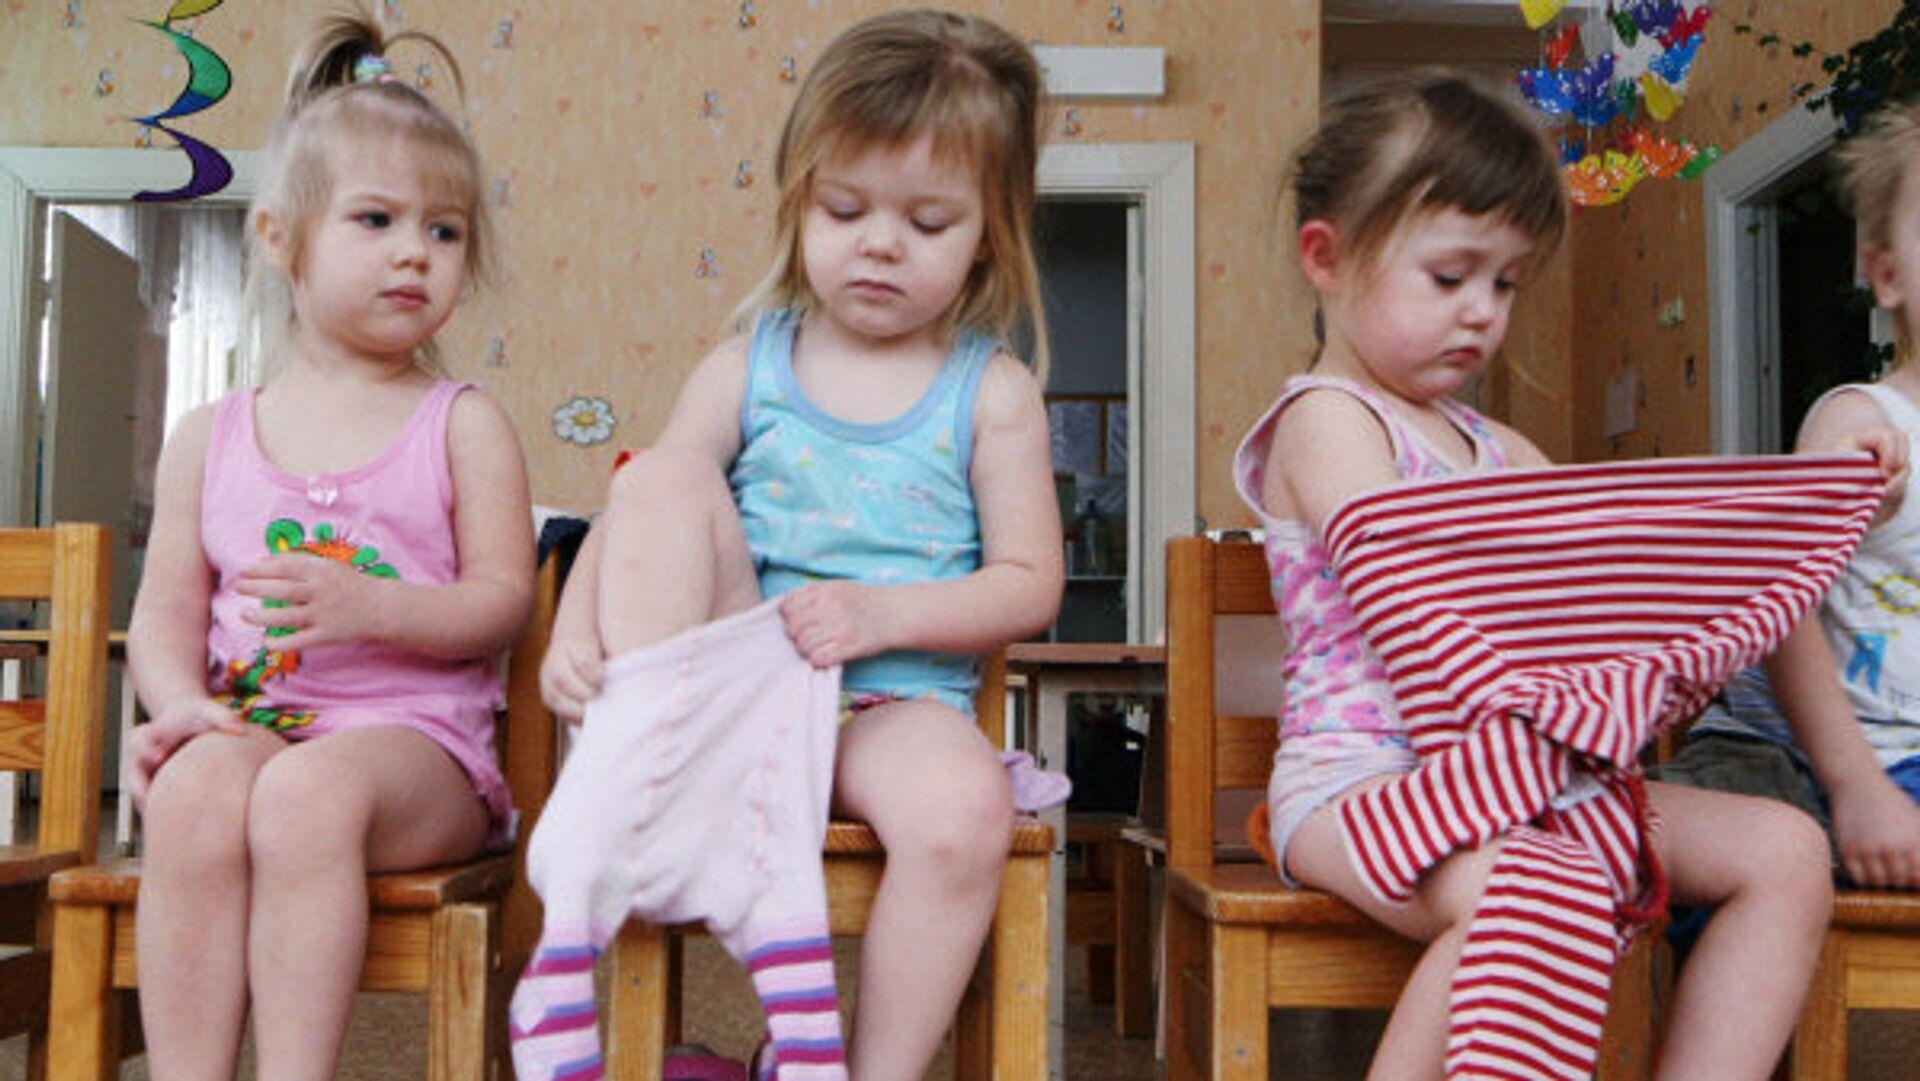 Центр развития ребенка - детский сад №130 города Калининграда - РИА Новости, 1920, 18.02.2021